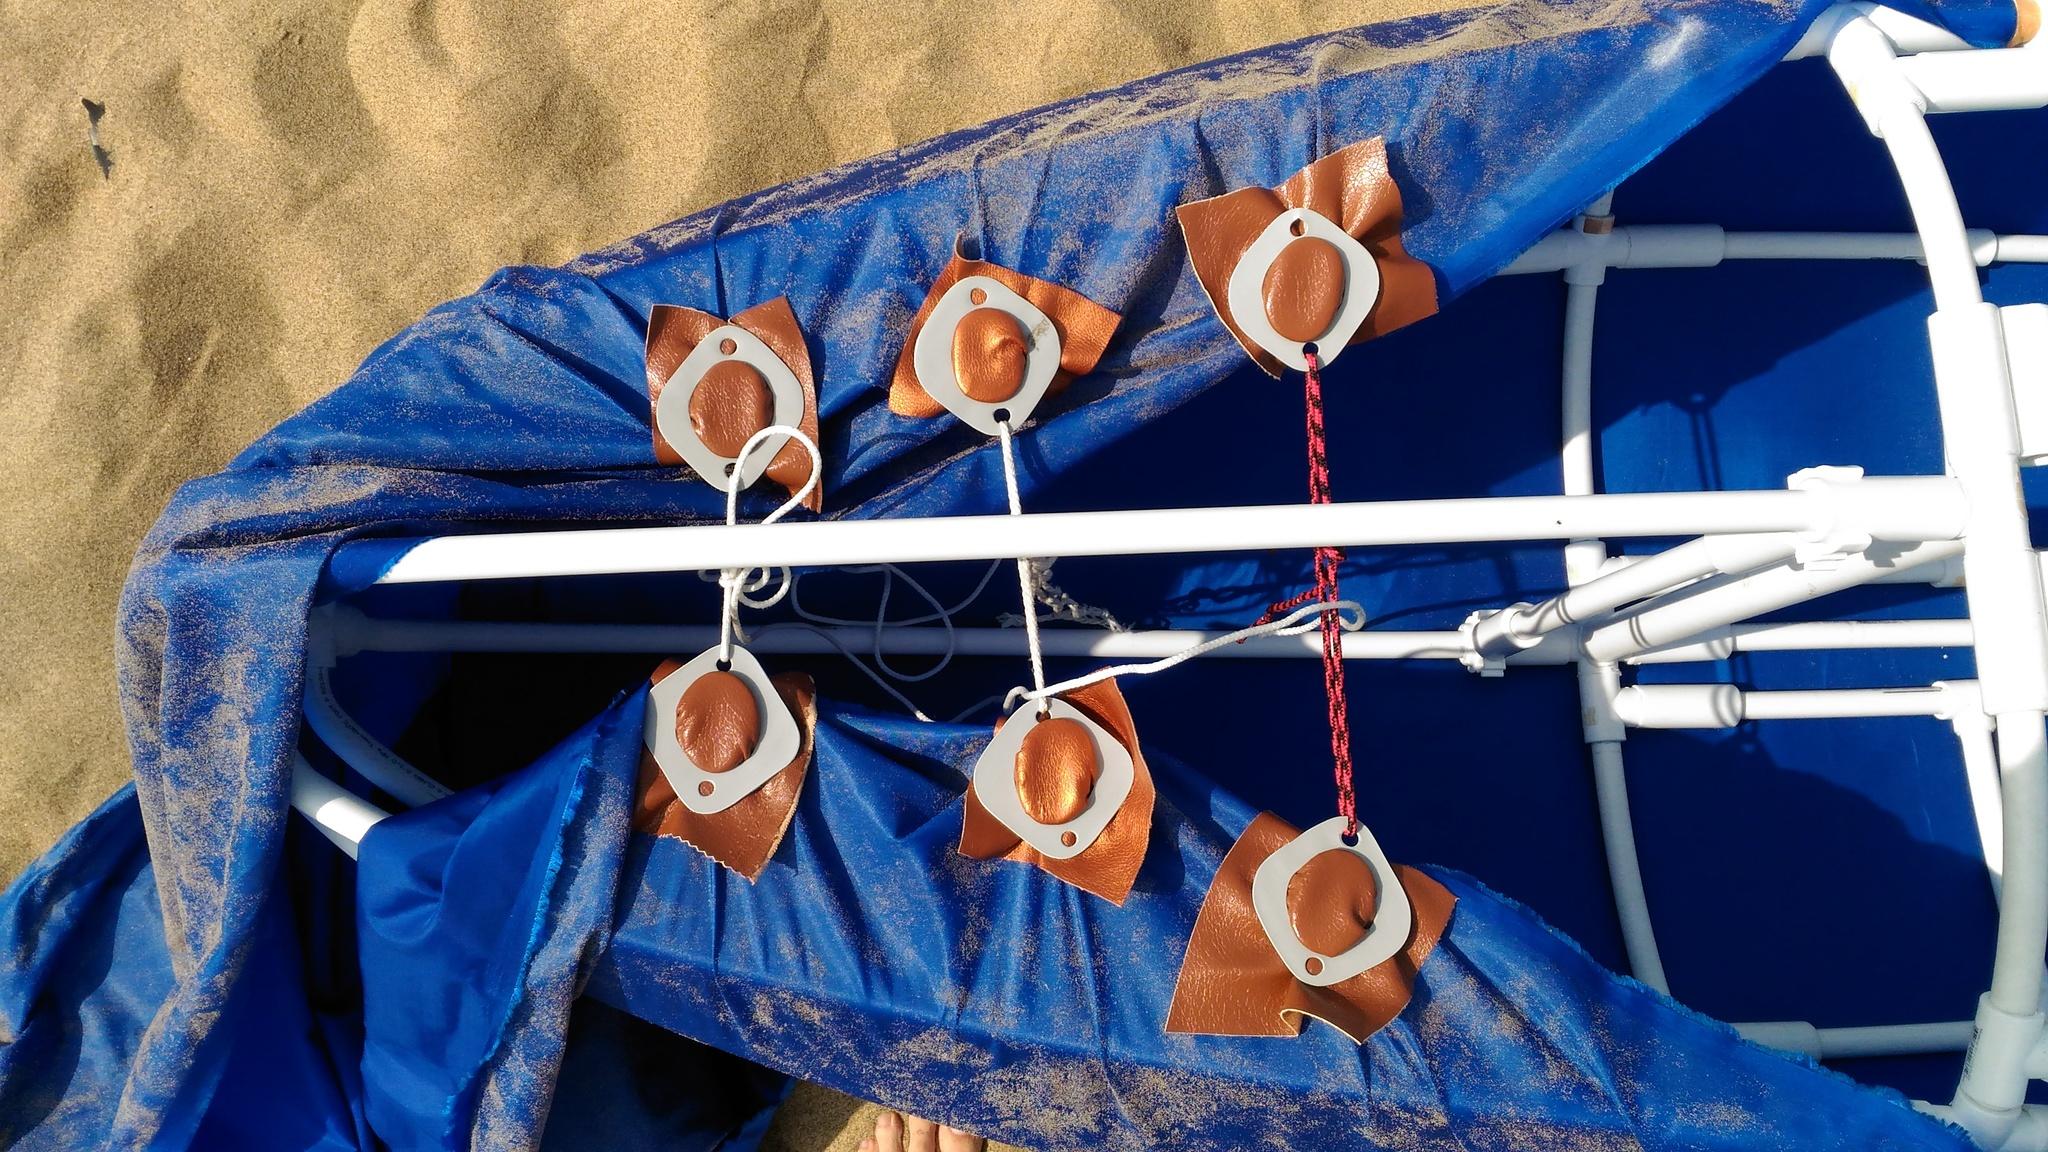 Умелец собрал лодку из водопроводных труб и наслаждается жизнью (9 фото)